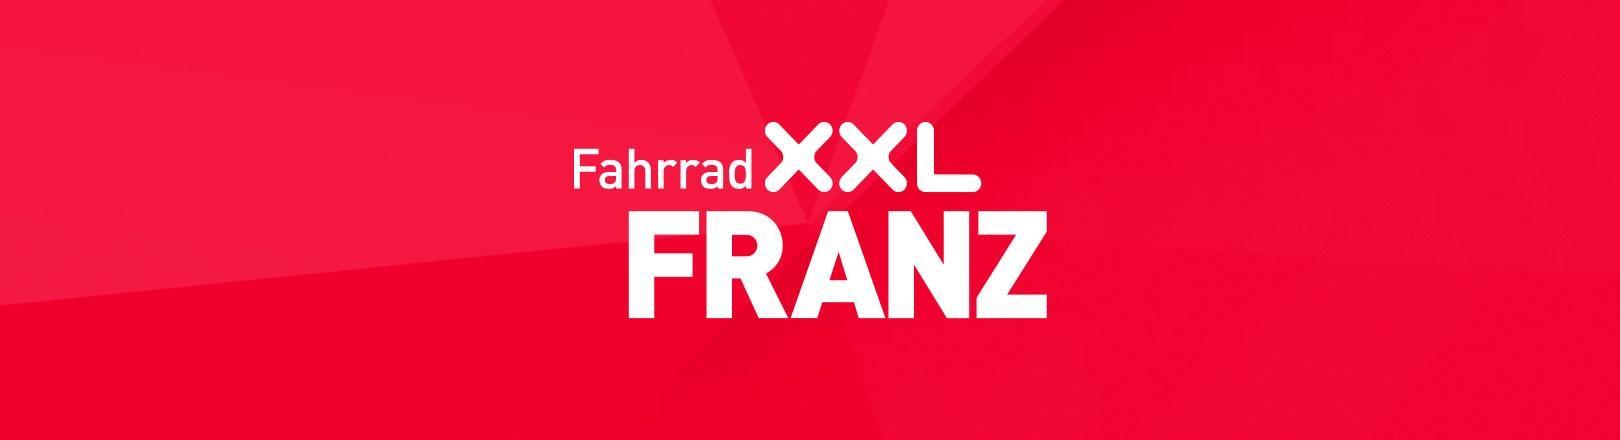 Fahrrad Xxl Franz Dein Fahrradladen In Koblenz